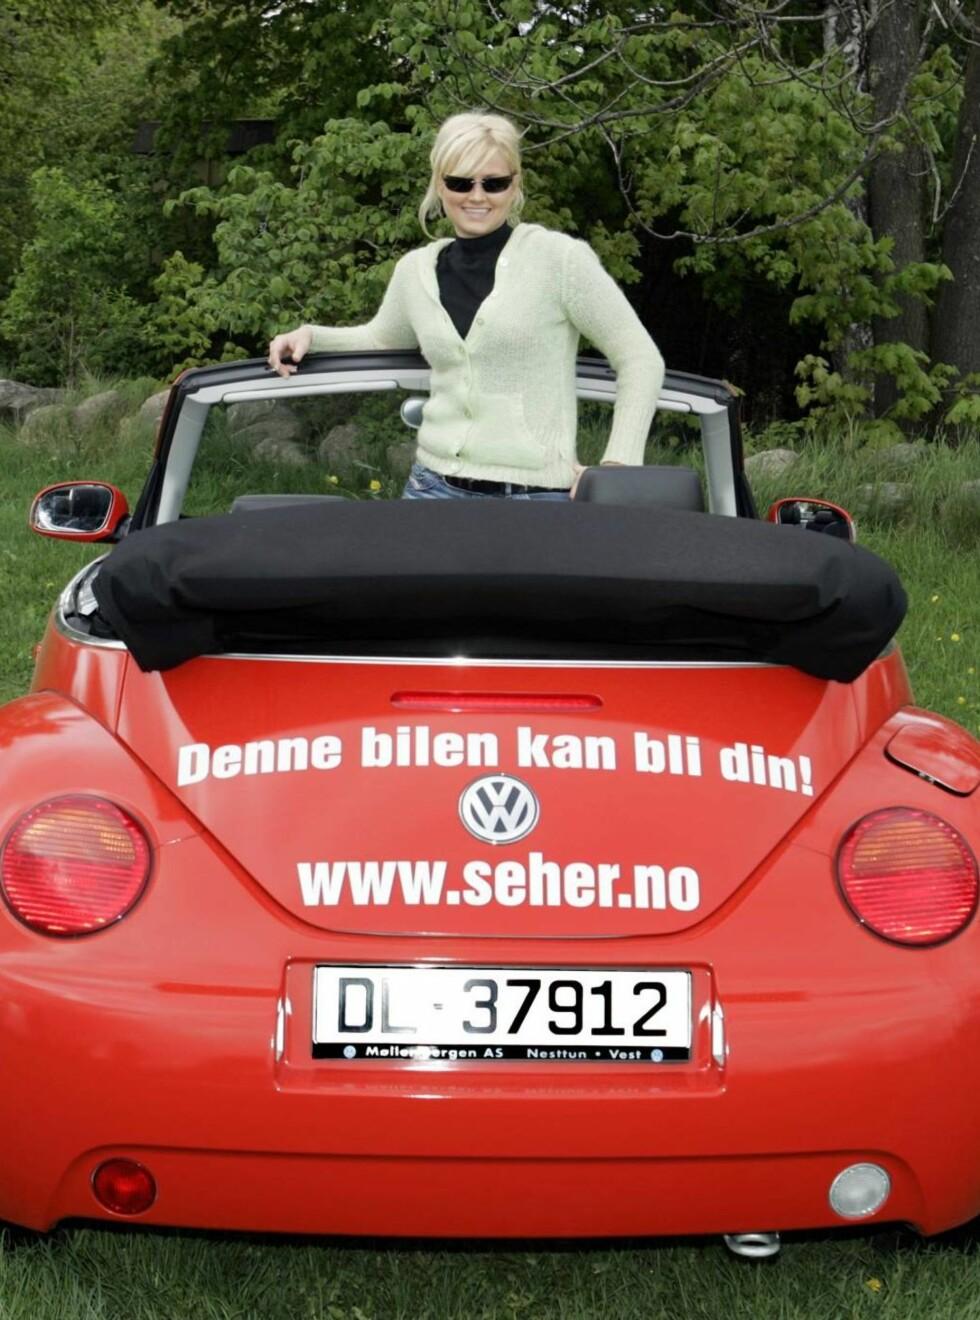 <strong>STRØKEN:</strong> Mer enn 33 000 har deltatt i vår sommerkonkurranse. En av dem kjører avgårde med Bobla !   Foto: Geir Egil Skog, frilansfoto.no